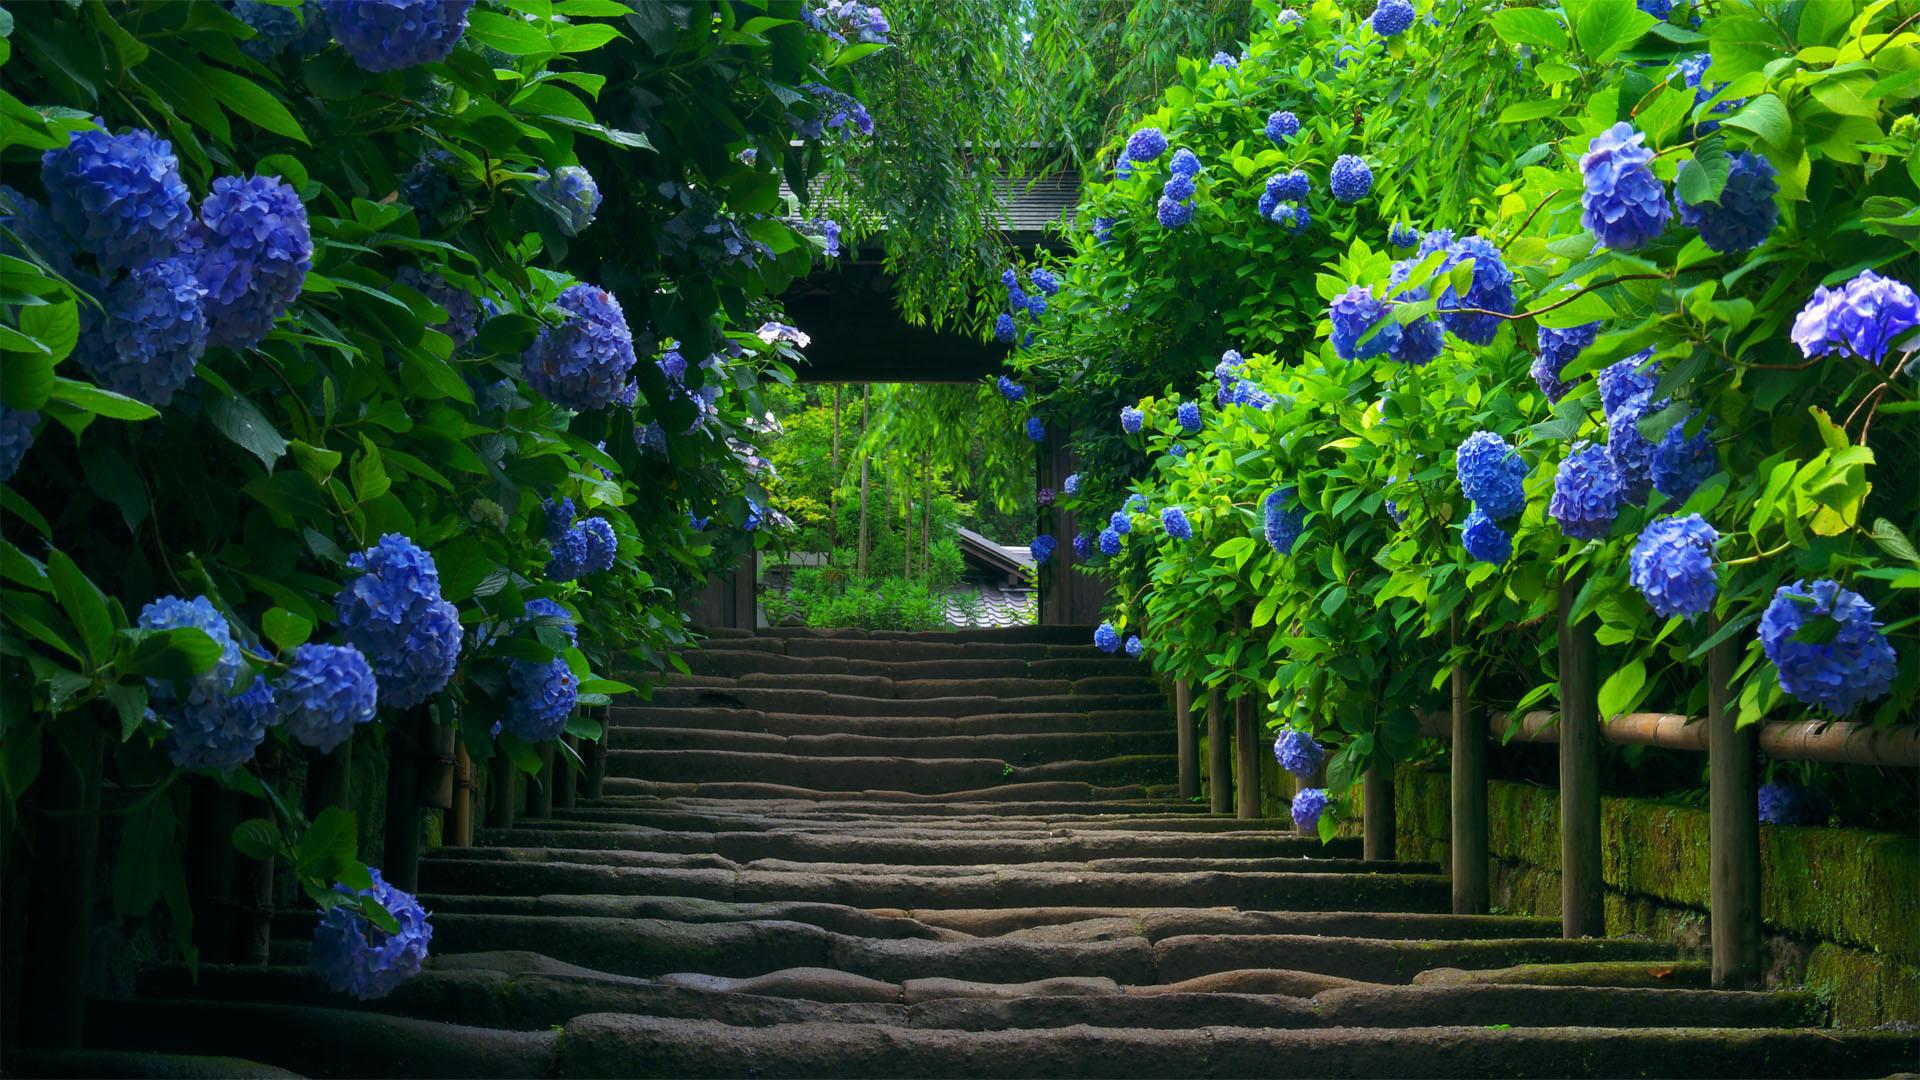 Wallpaper Nature 3D HD wallpaper background 1920x1080